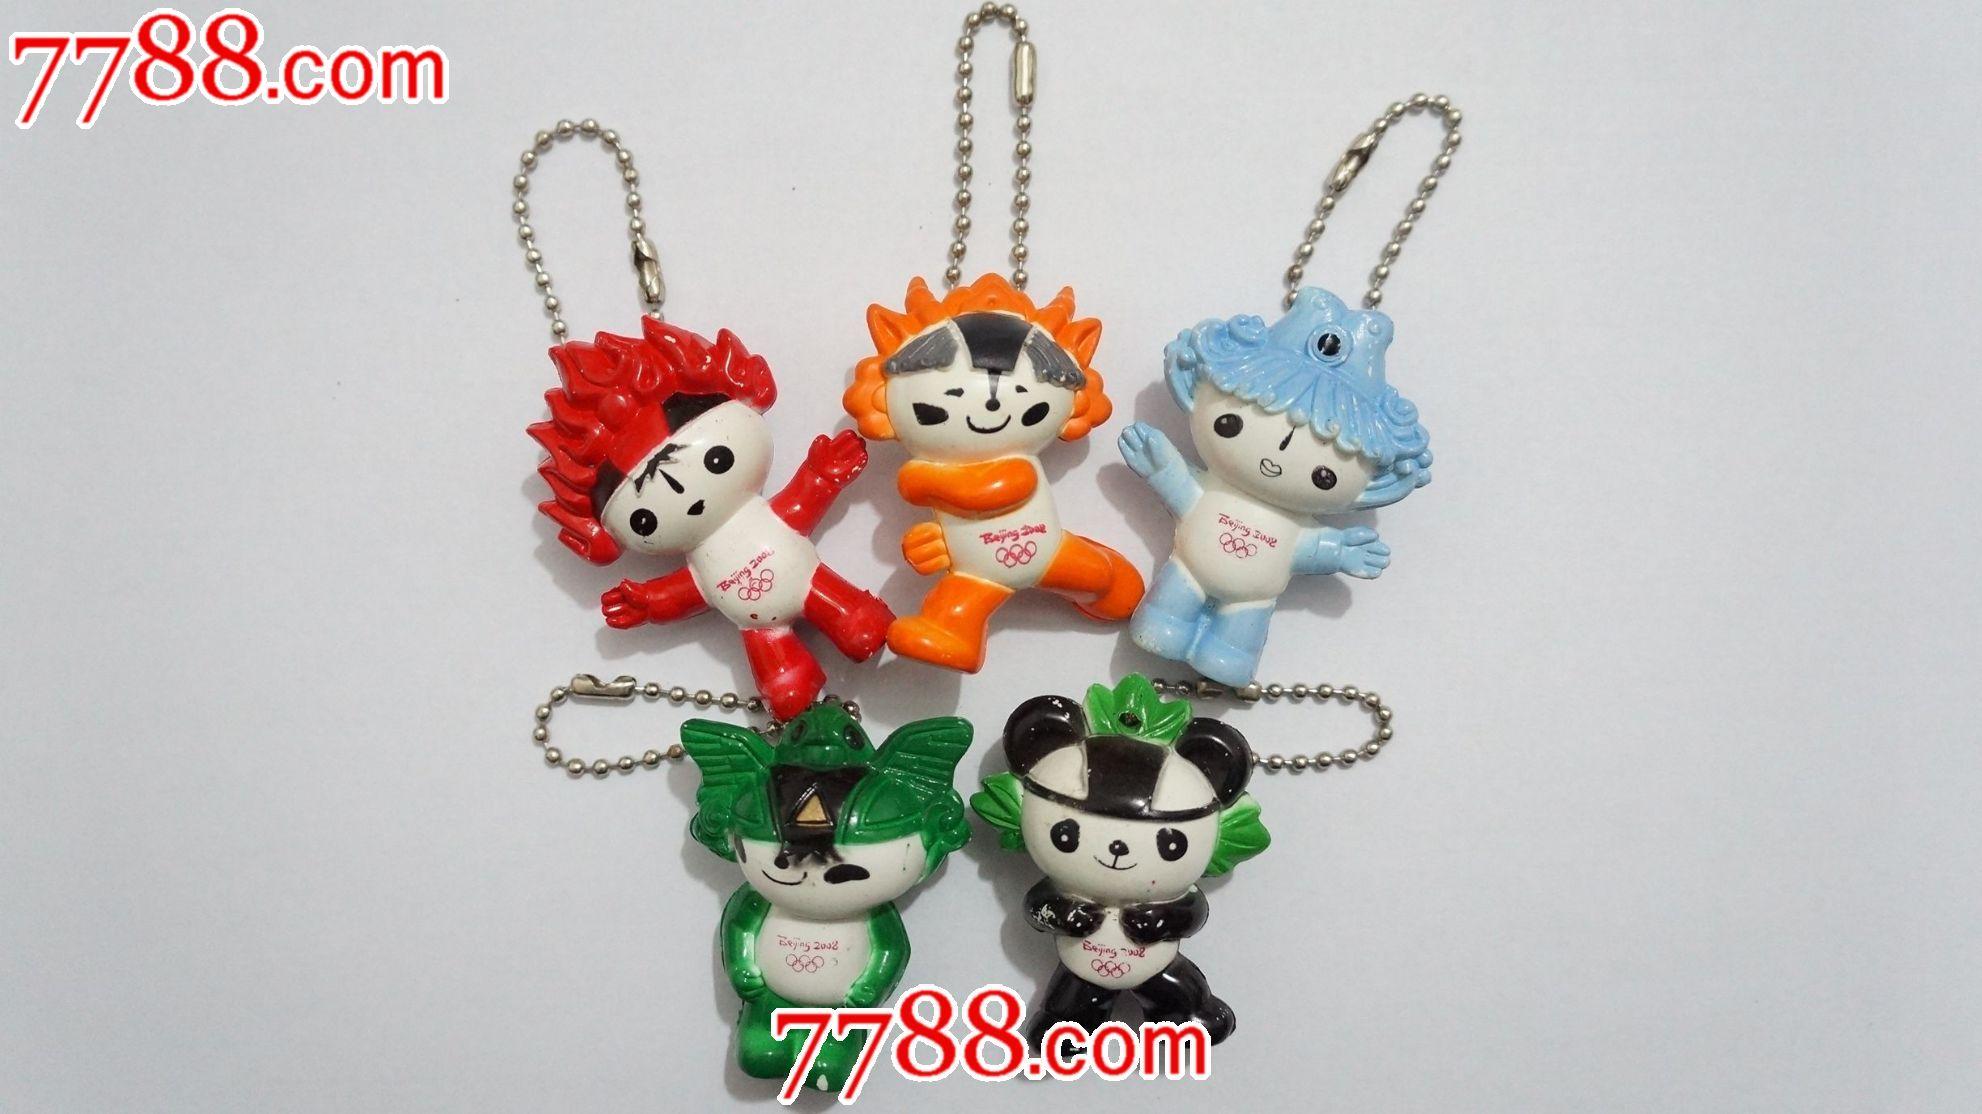 2008北京奥运会福娃钥匙链一套-价格:20元-se